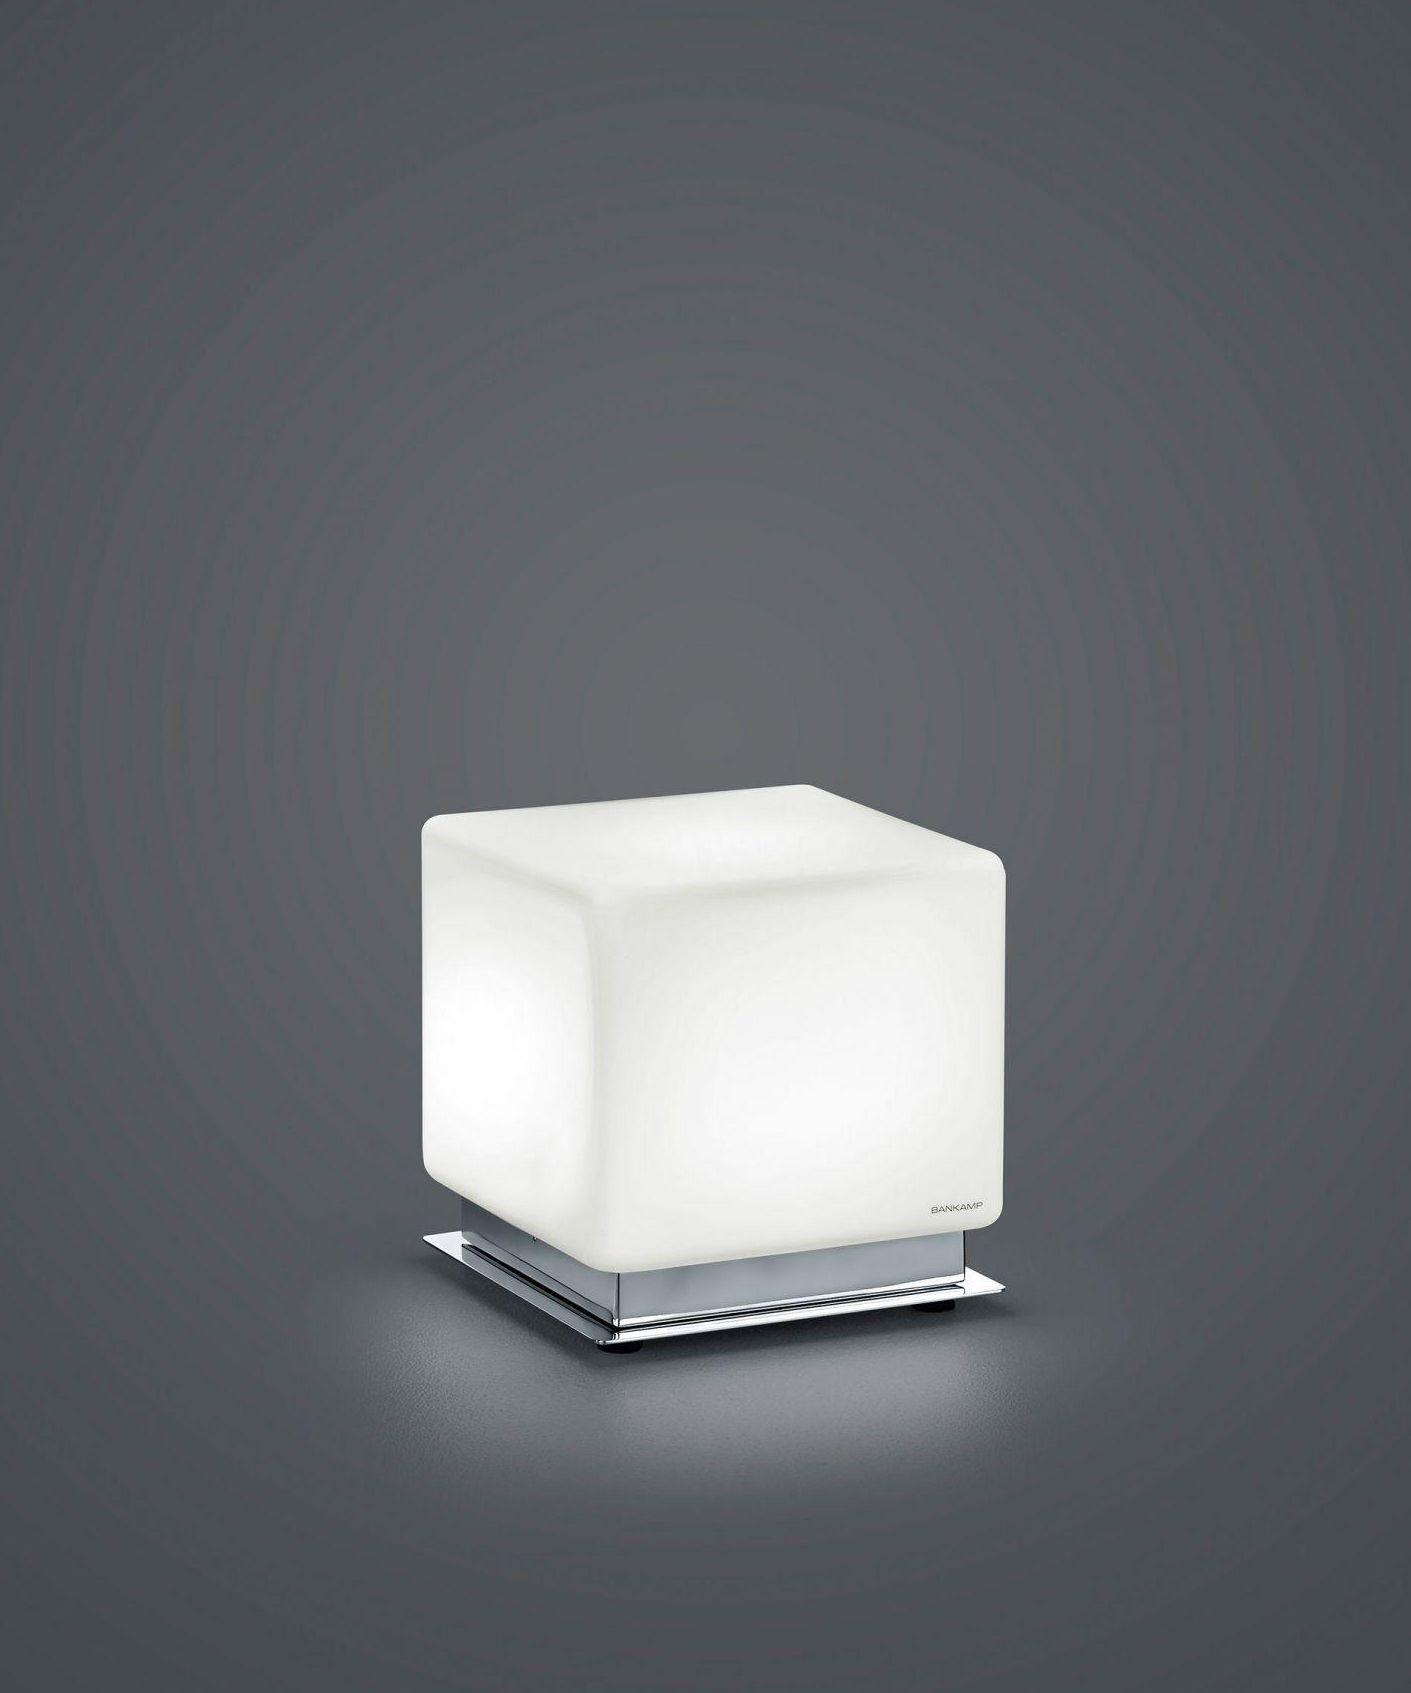 BANKAMP LeuchtenmanufakturLED-Tischleuchte Cubus5960/1-02